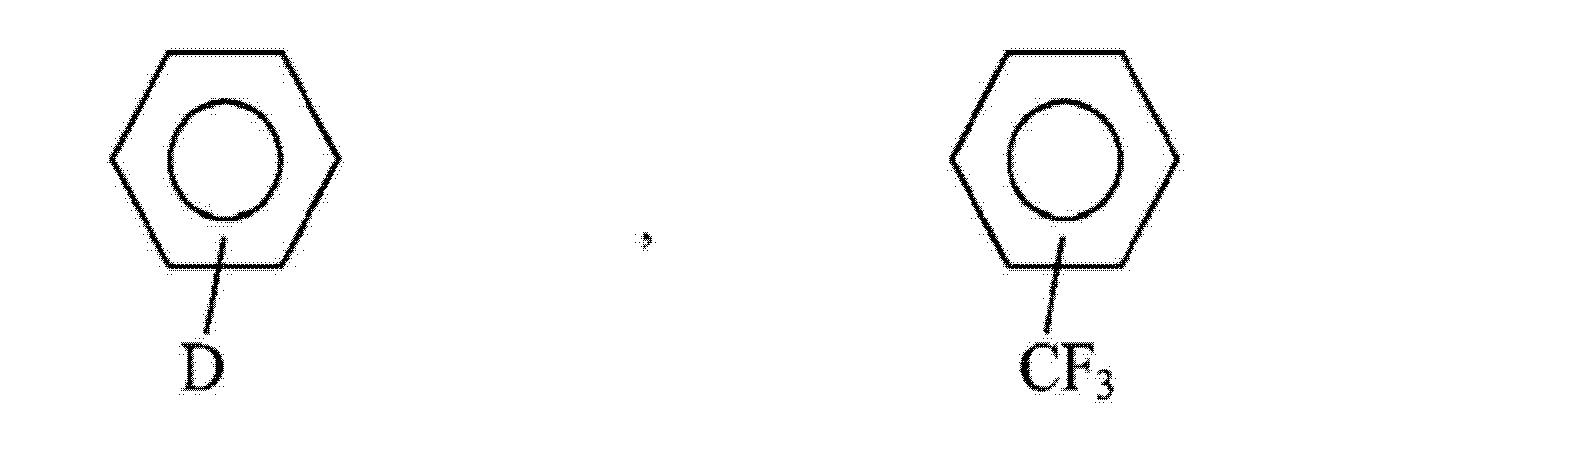 Figure CN103597019BD00062